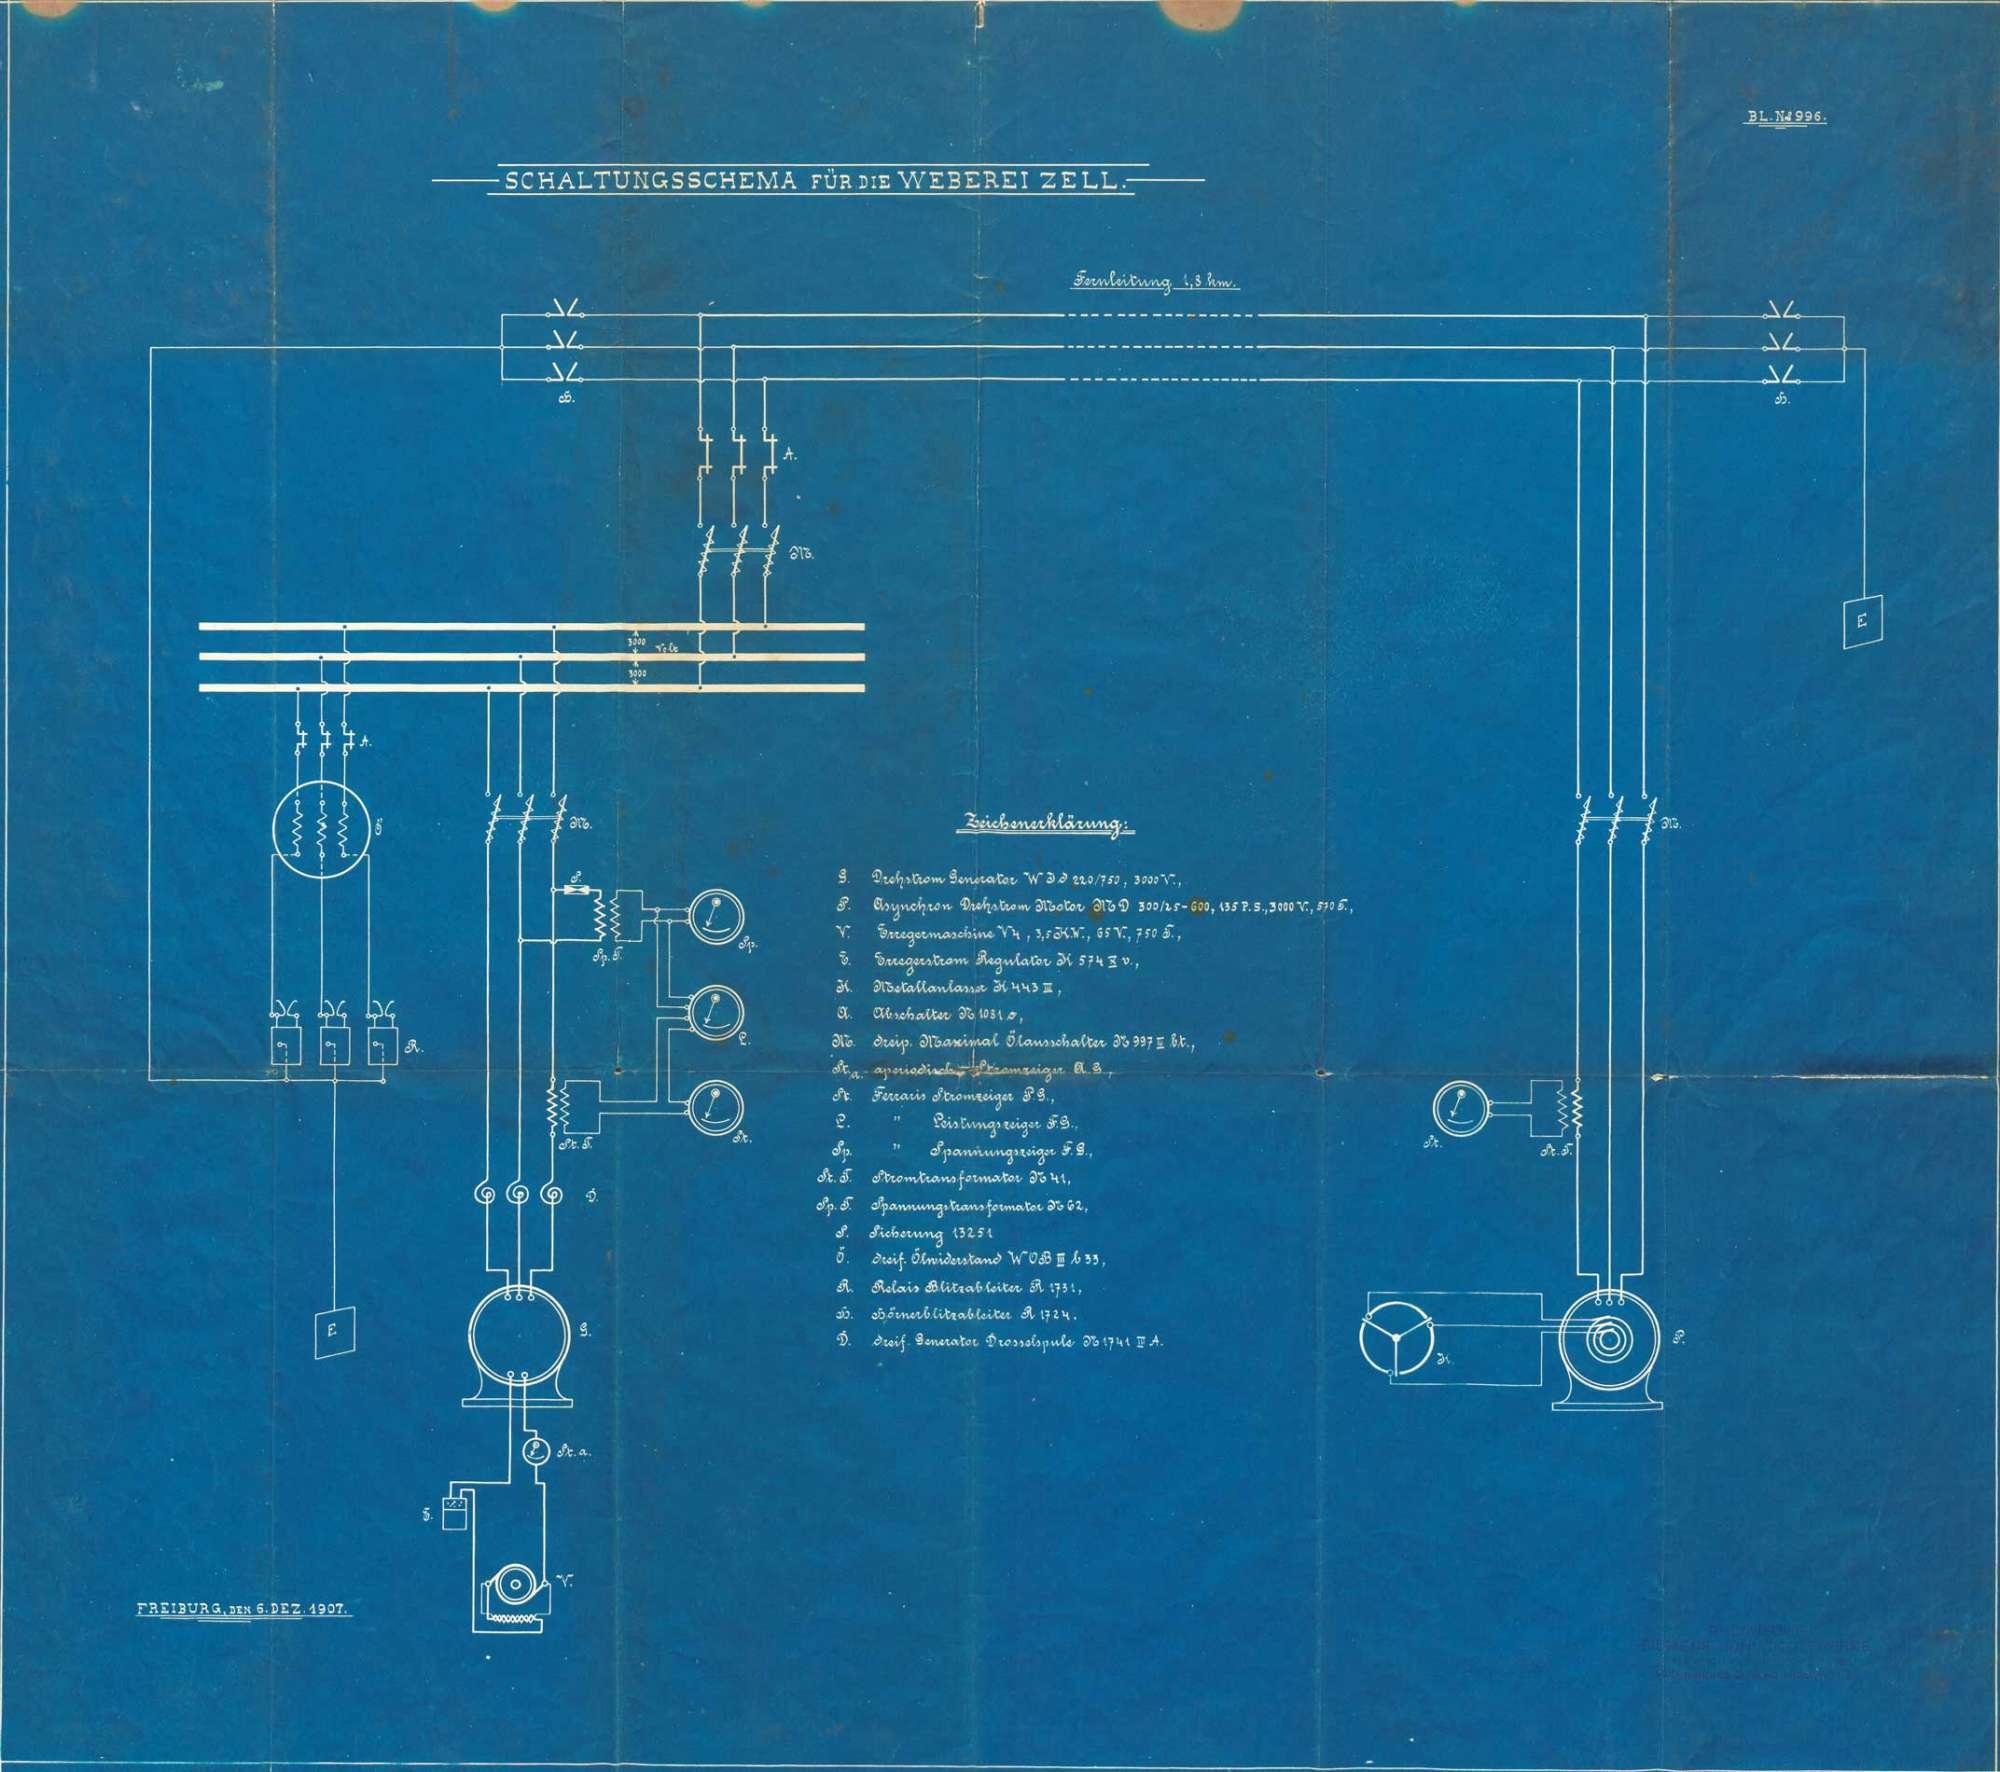 Schaltungsschema für die Weberei in Zell im Wiesental/Schönau AG, Bild 1